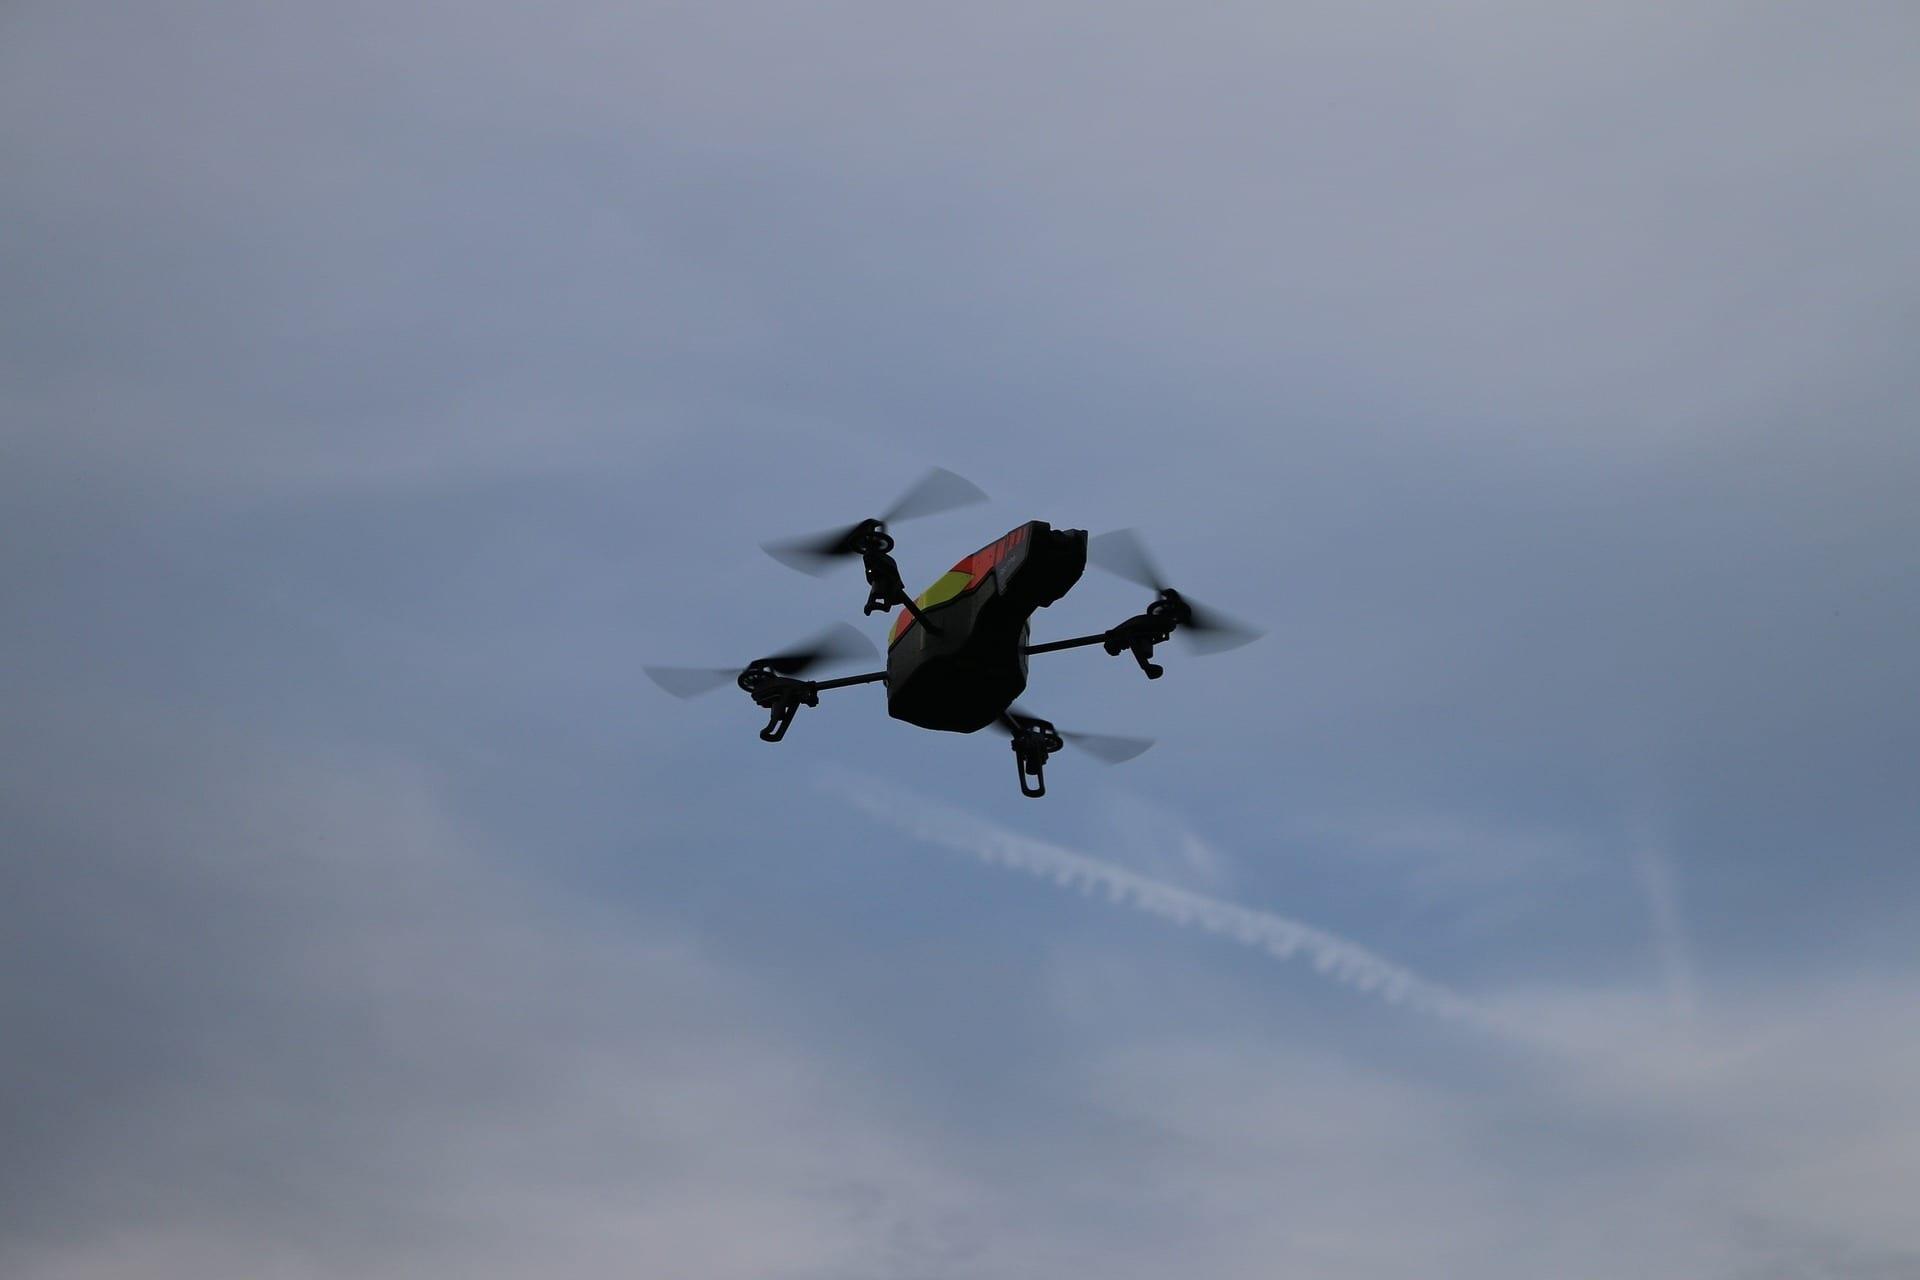 drone 980473 1920 1